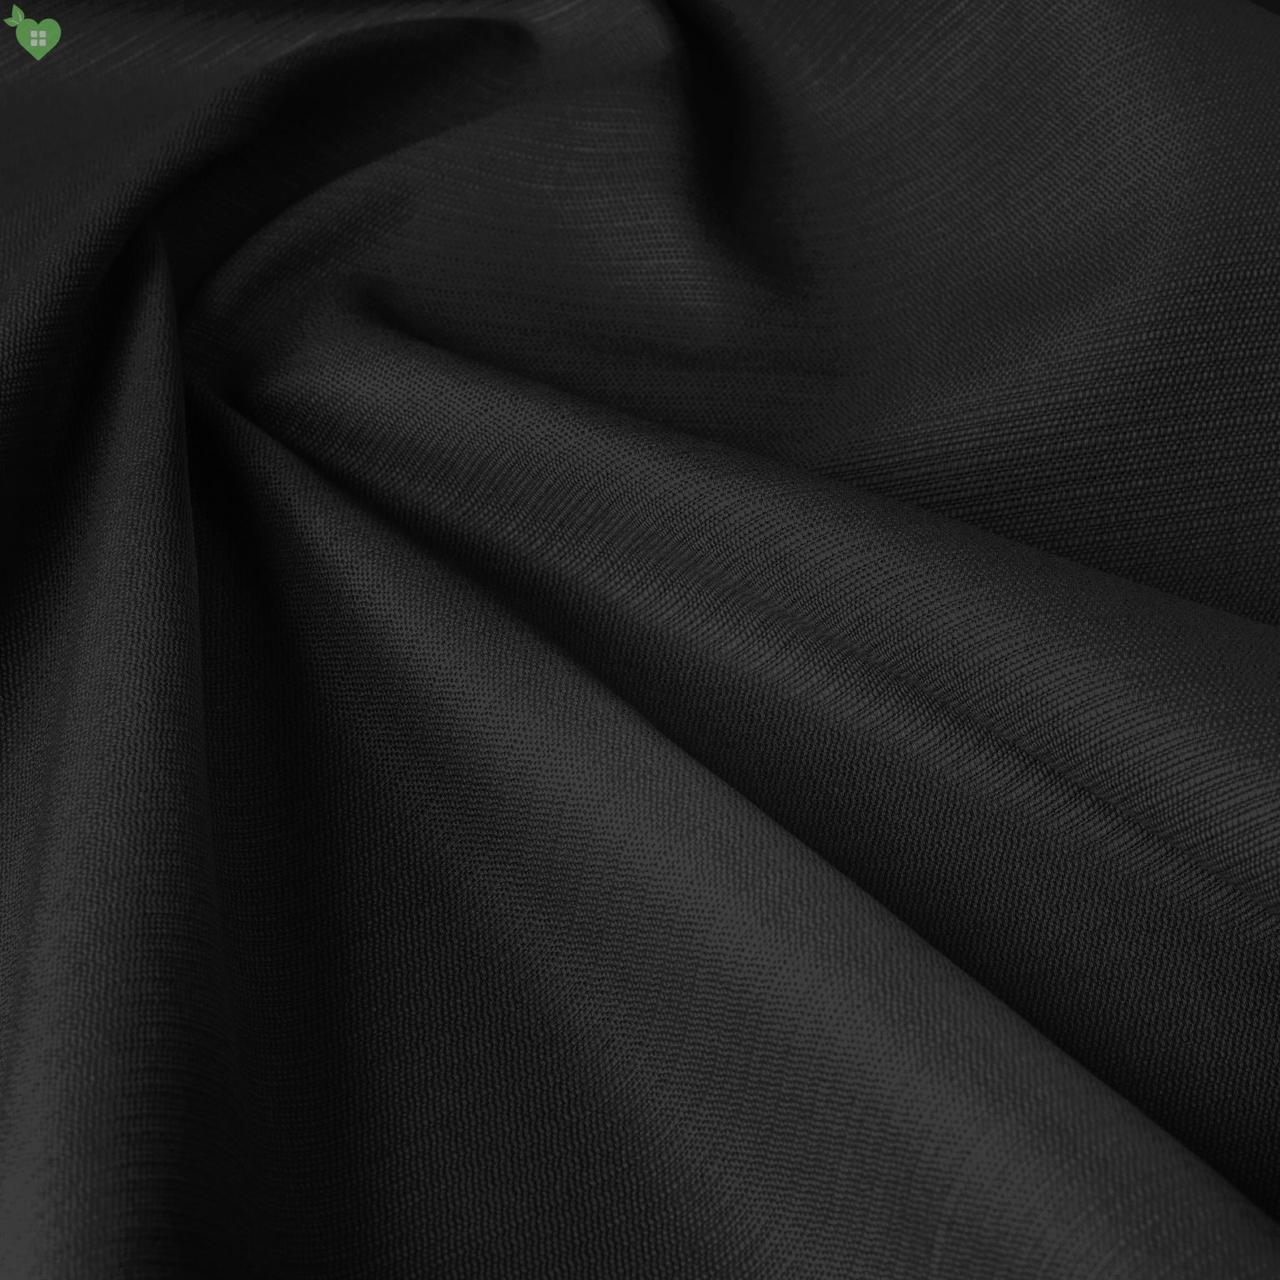 Уличная ткань фактурная 400368v16